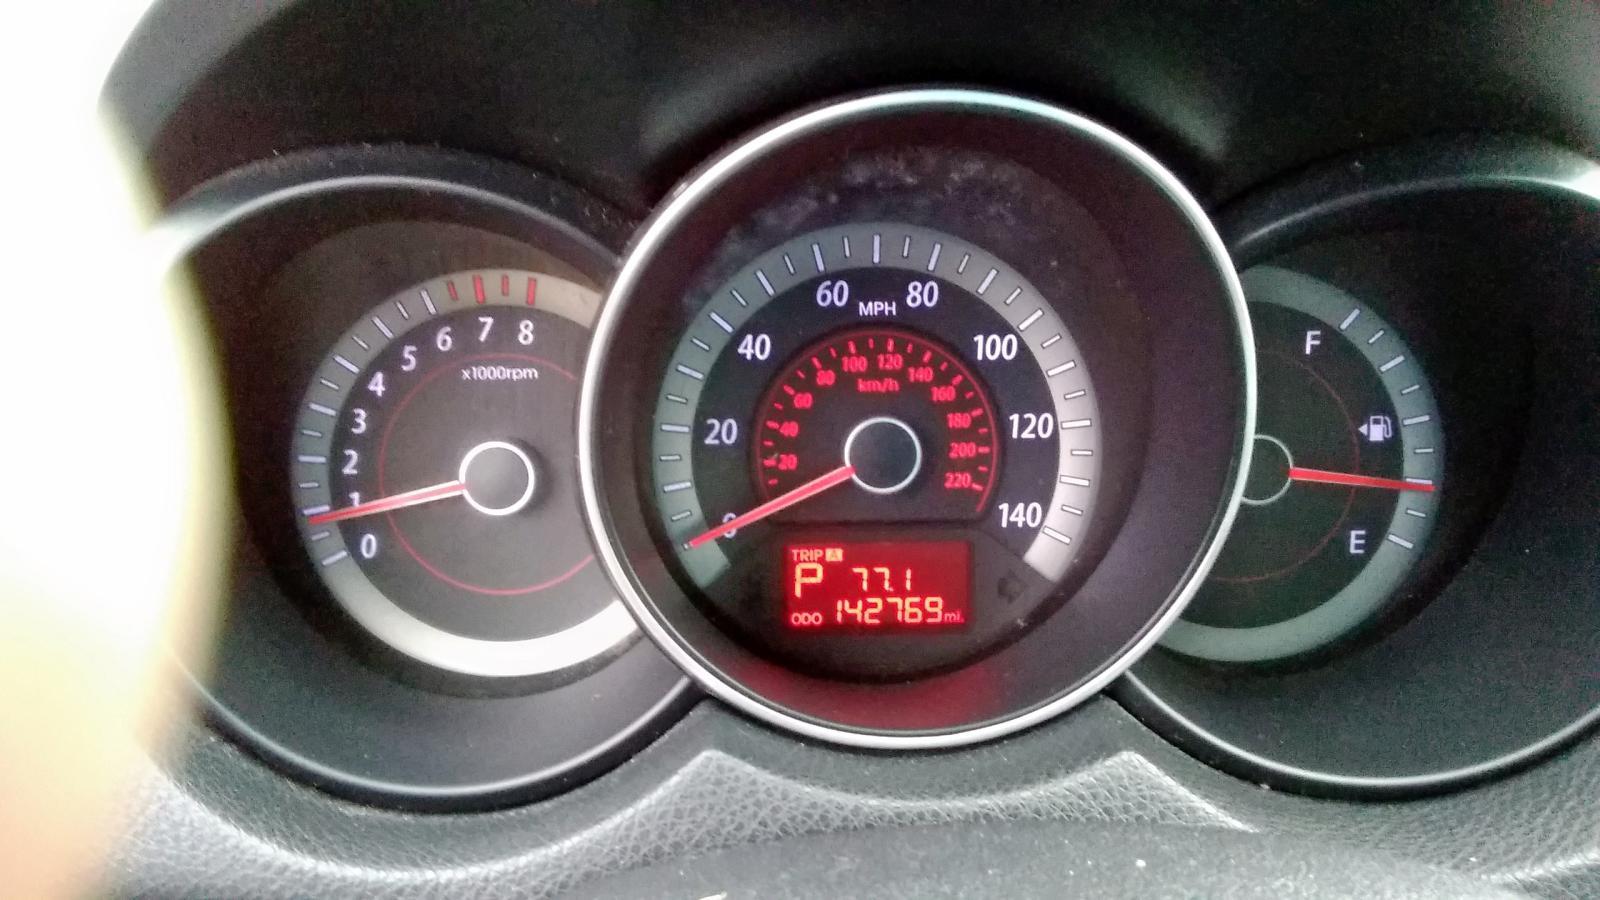 KNAFU4A20B5358577 - 2011 Kia Forte Ex 2.0L inside view